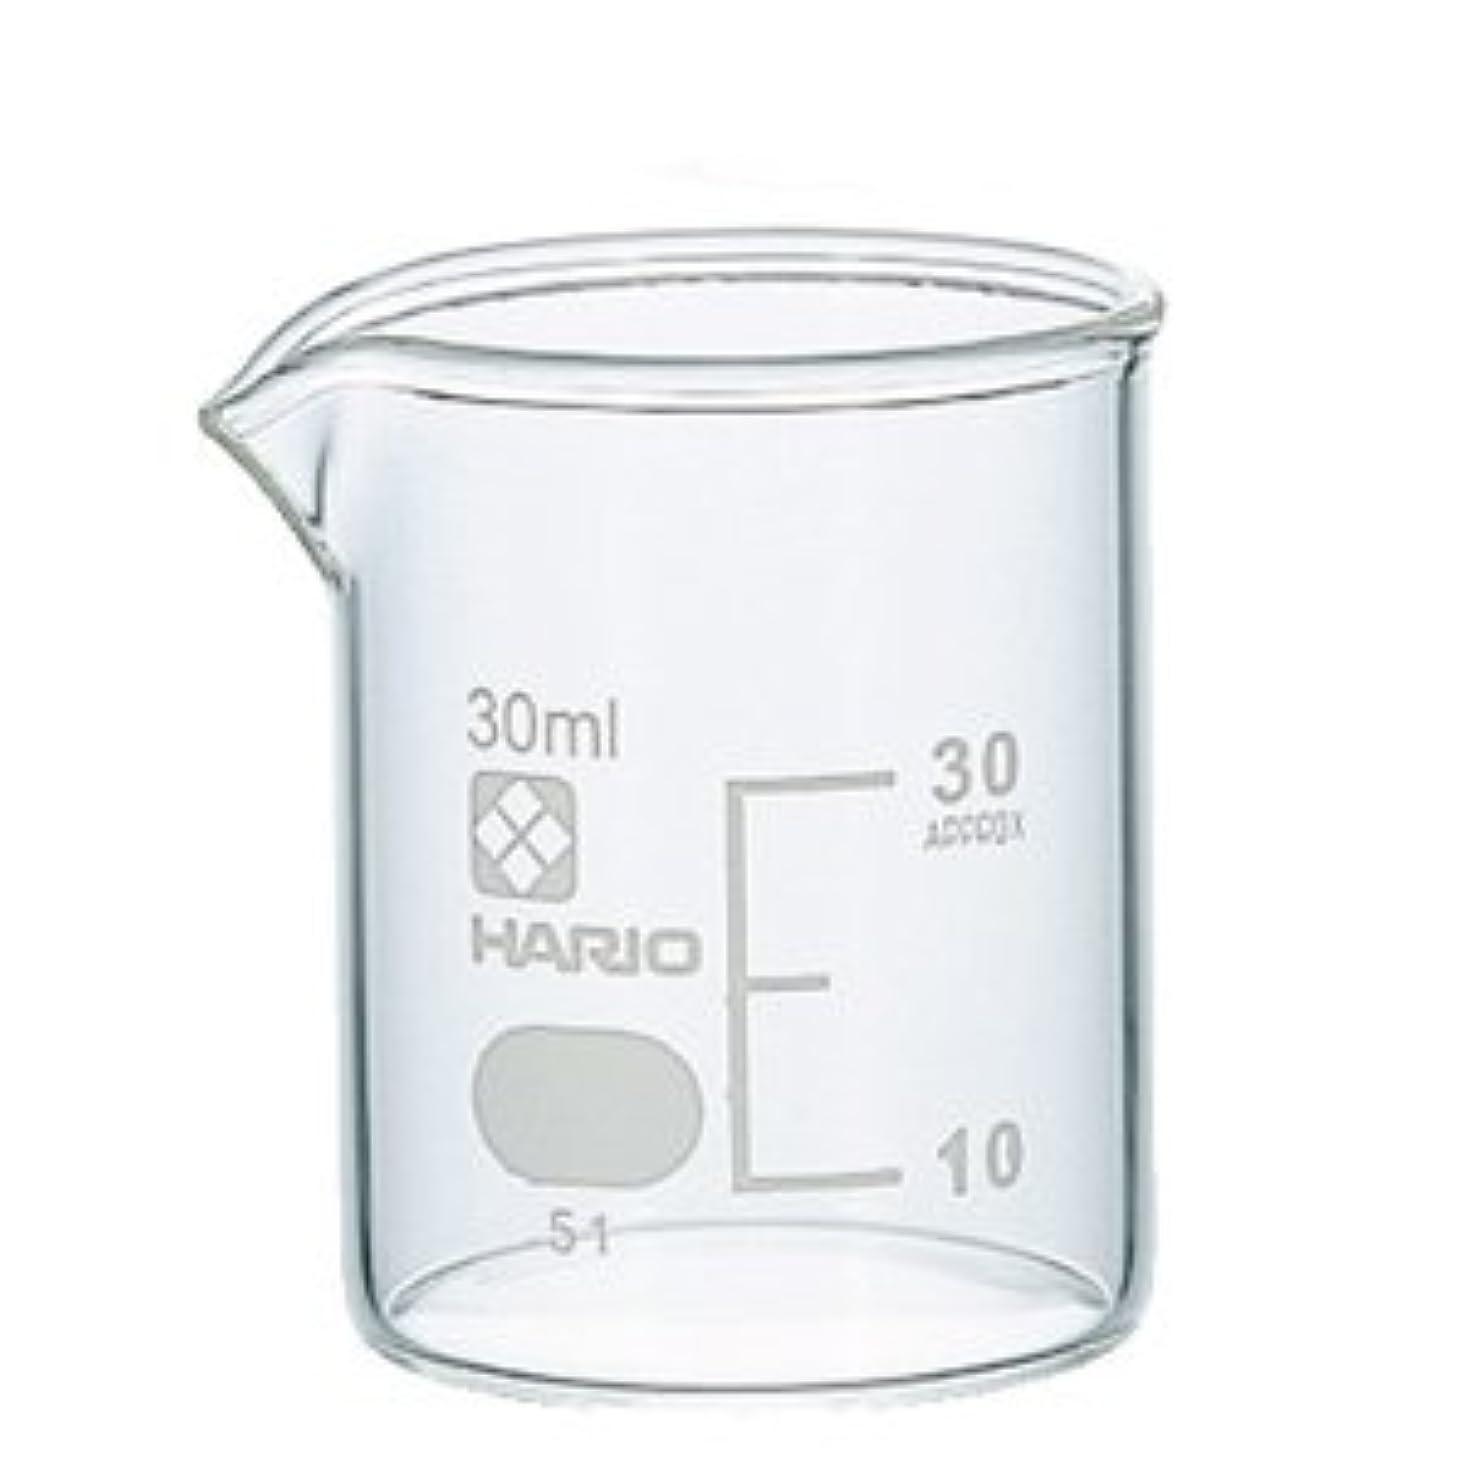 相互接続大胆な反対するガラスビーカー 30ml 【手作り石鹸/手作りコスメ/手作り化粧品】